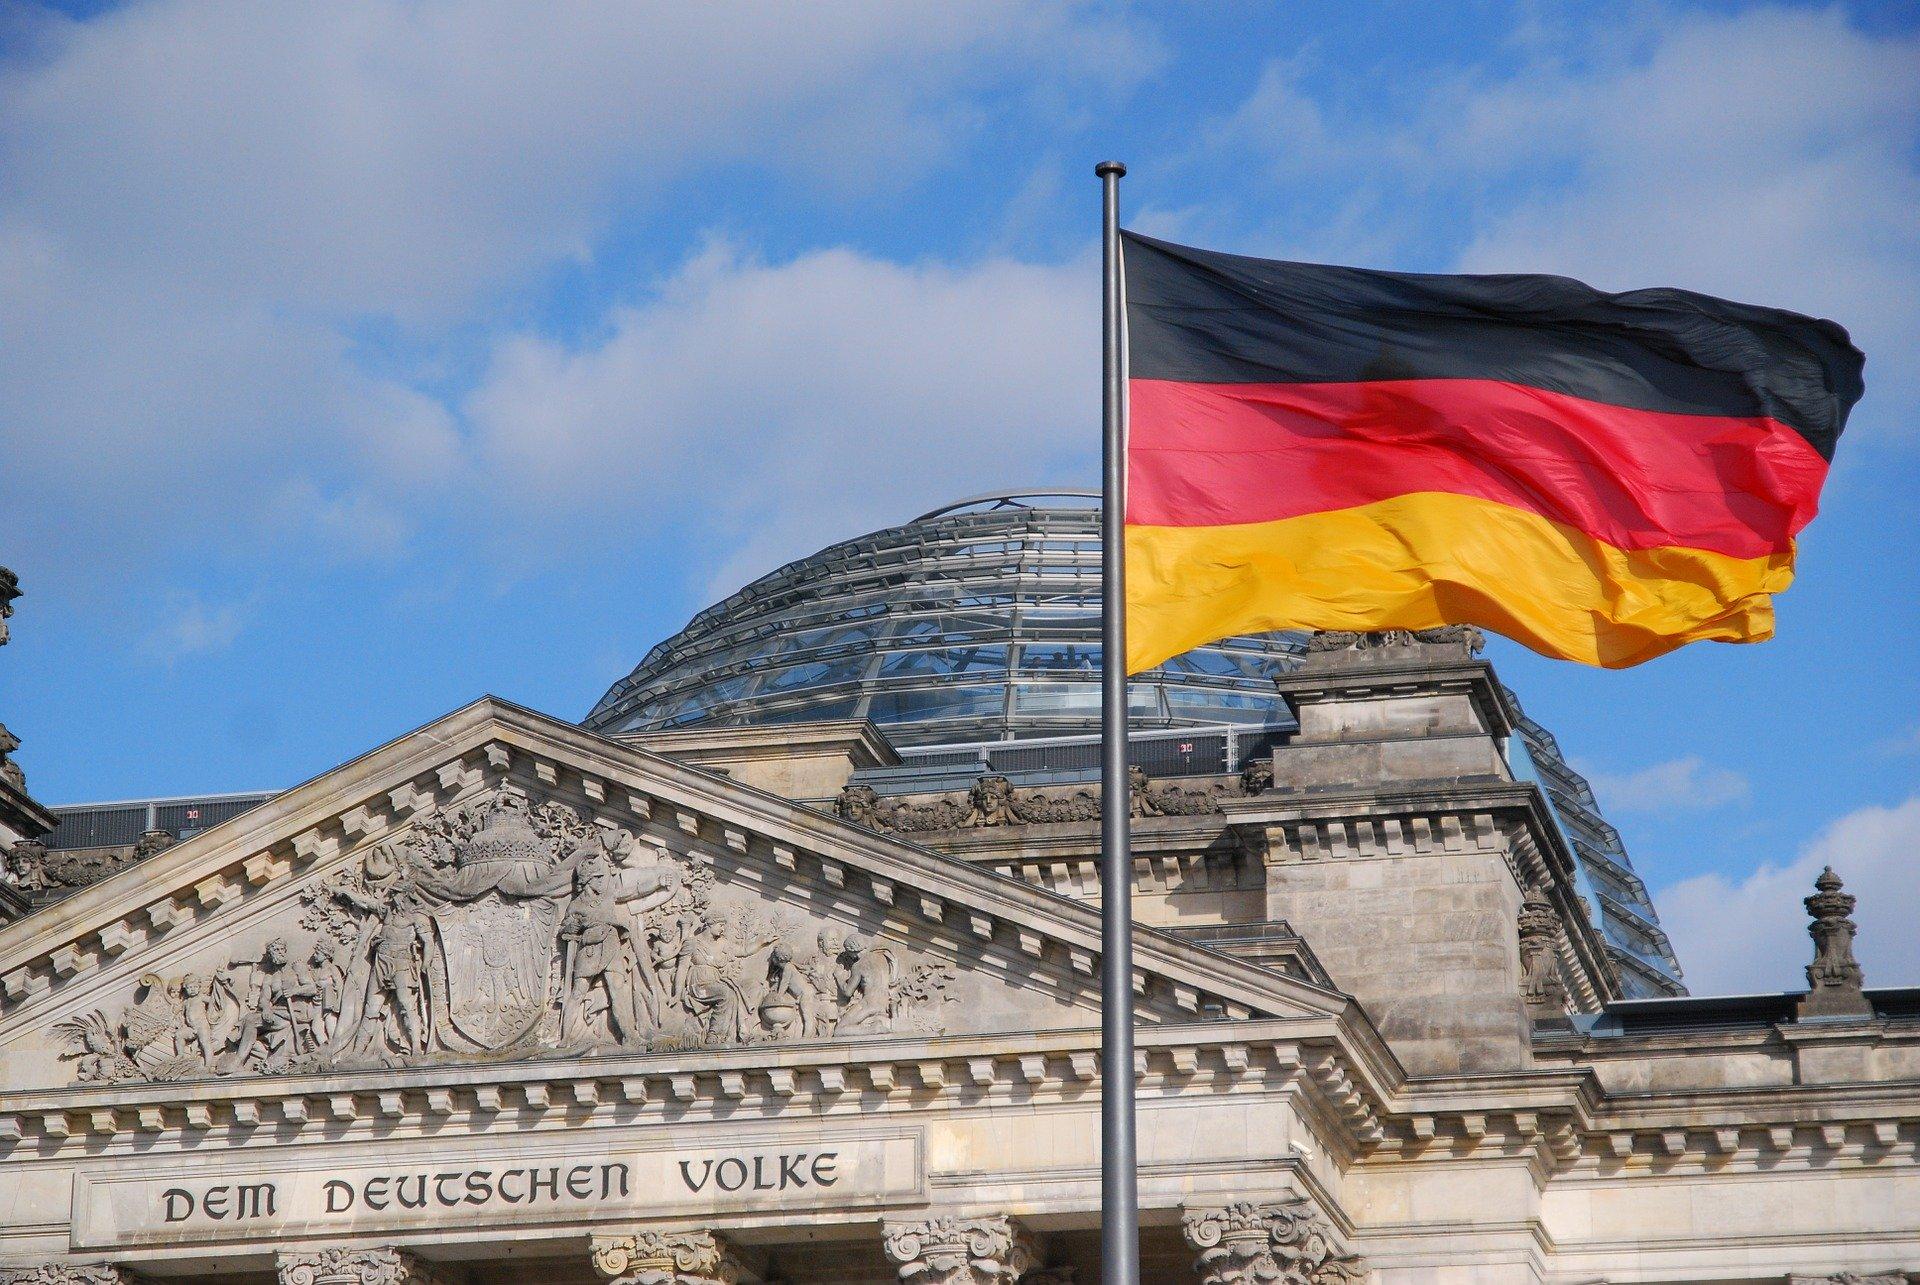 ВВП Германии обвалился до рекордно низкого показателя за 50 лет - новости Украины, - LIGA.net